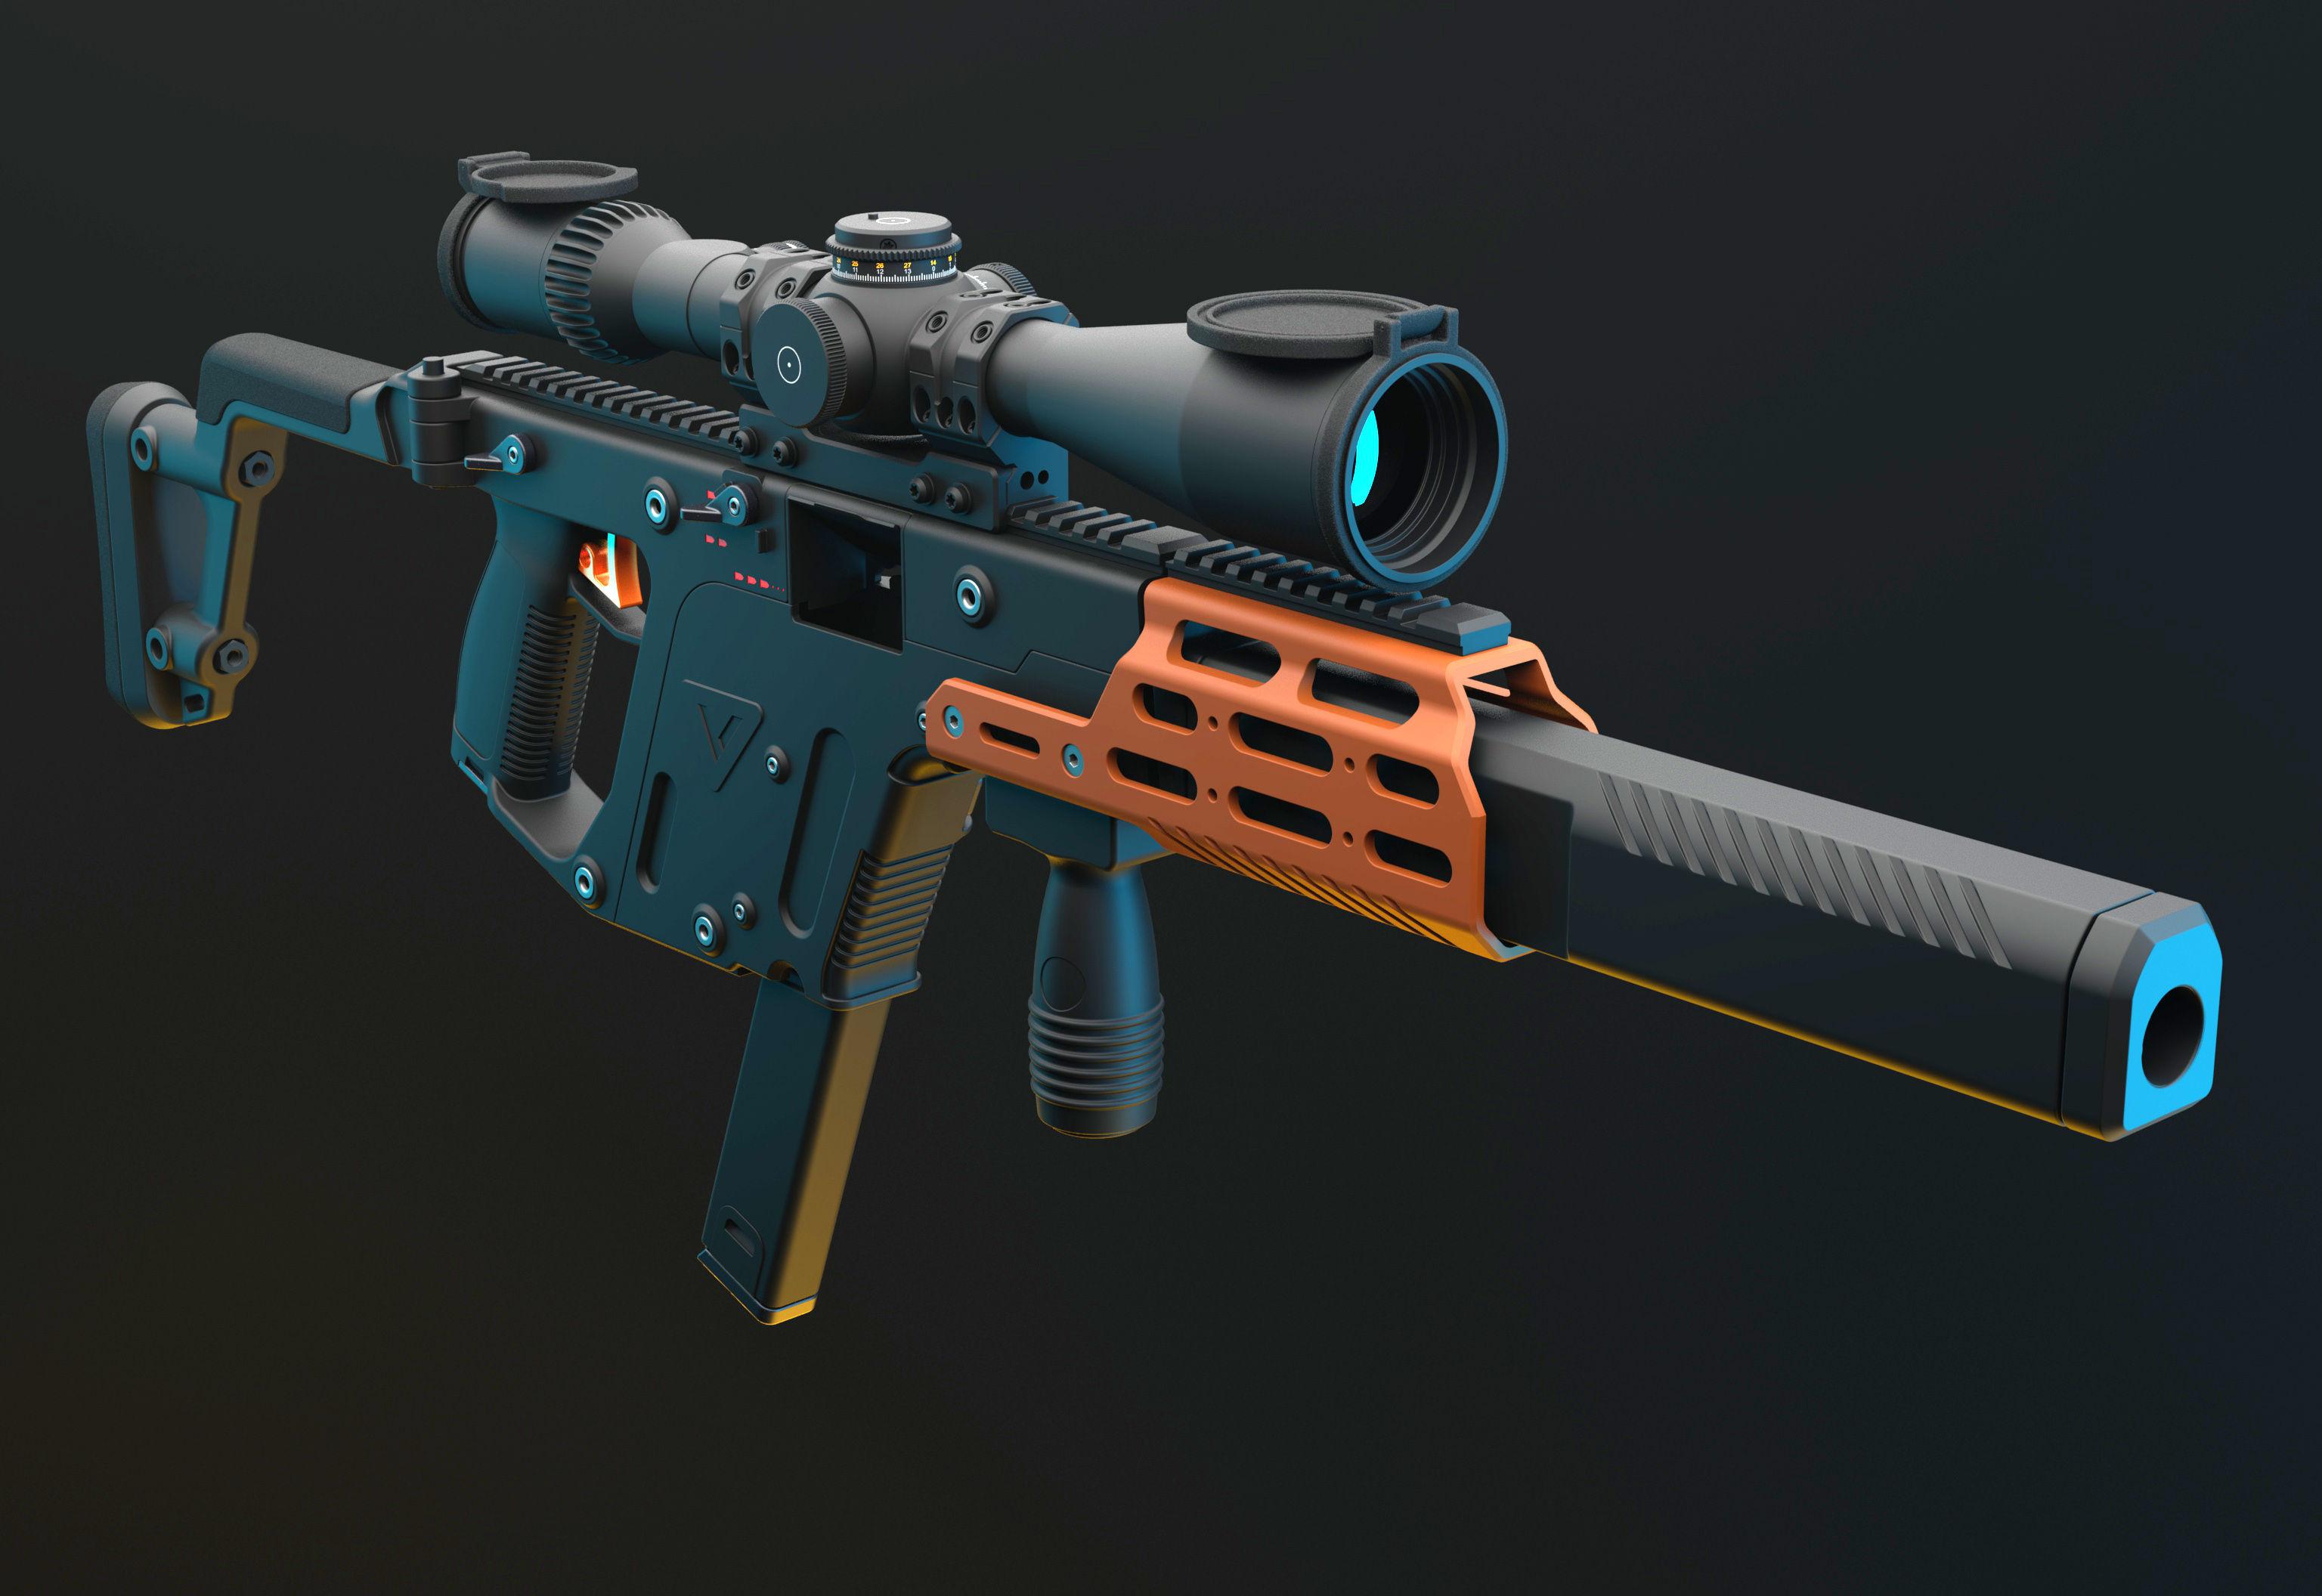 Kv-shot-02-3500-3500